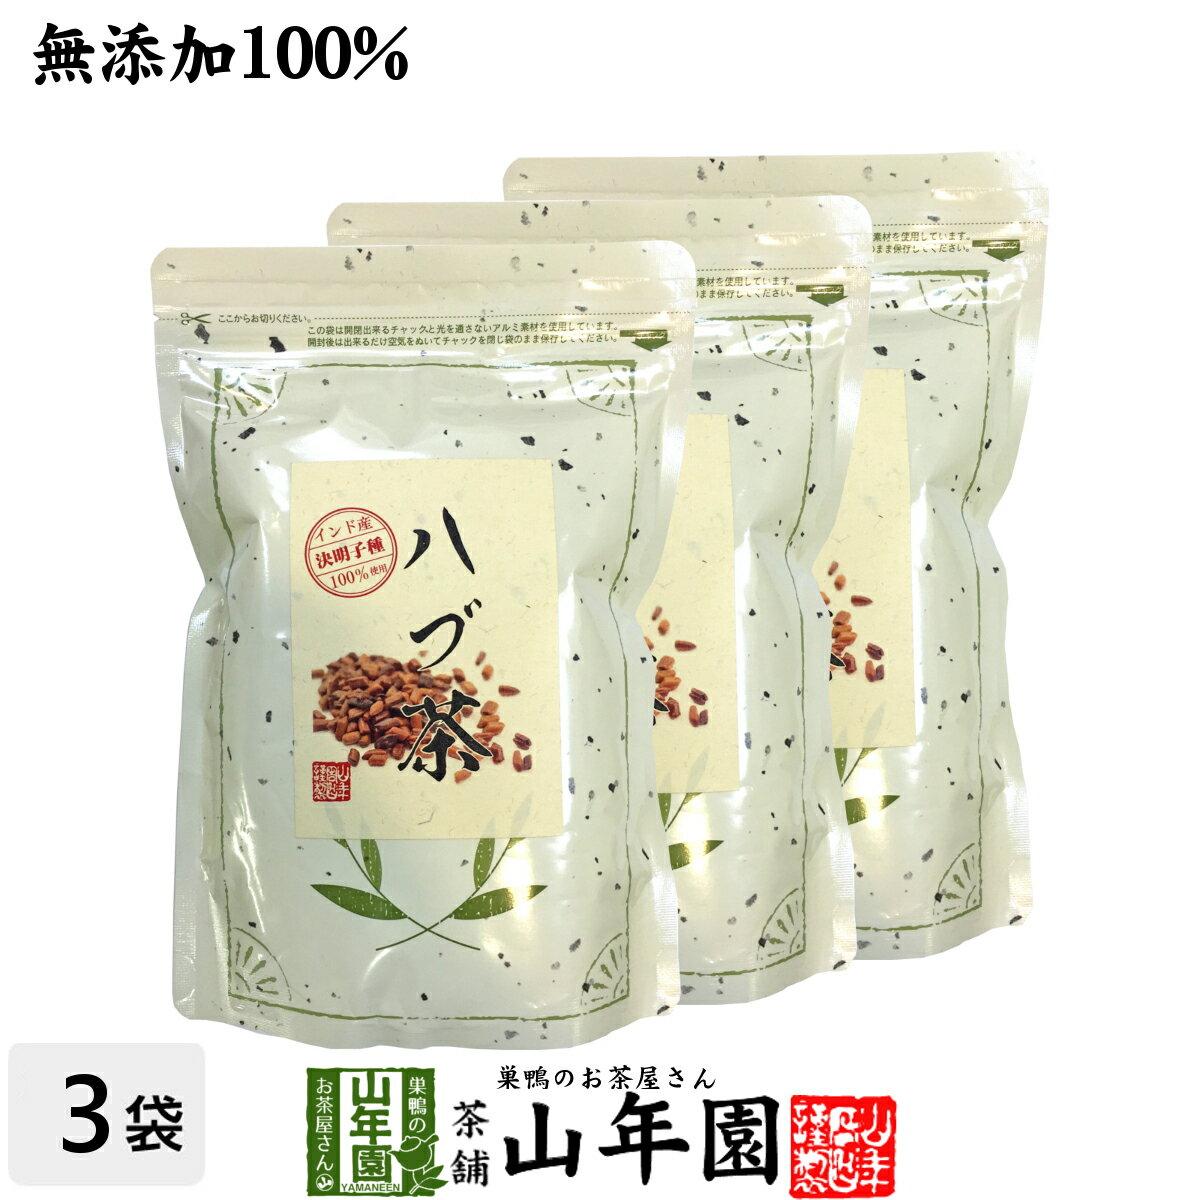 茶葉・ティーバッグ, 植物茶  100 500g3 2021